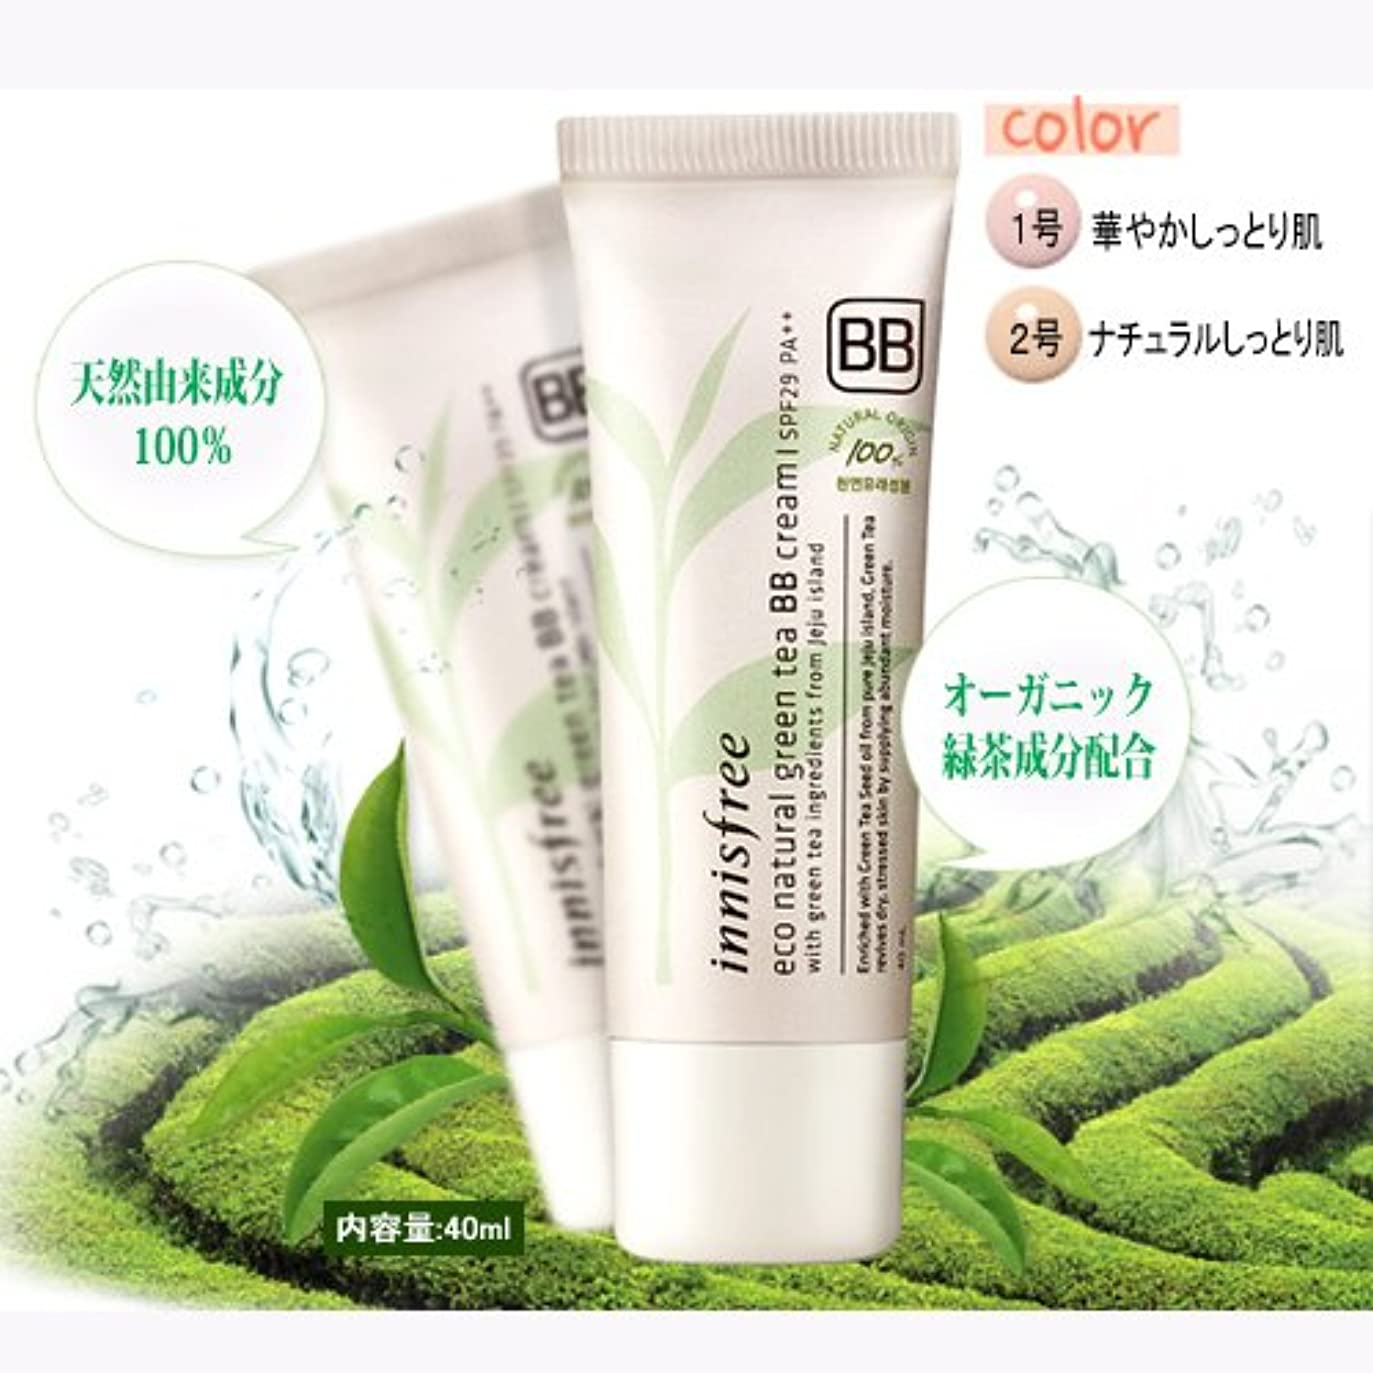 防衛休暇クリップ蝶innisfree/イニスフリー Eco Natural Green Tea BB Cream #02/エコナチュラルグリーンティーBBクリームナチュラルなしっとりお肌 SPF29PA++40ml